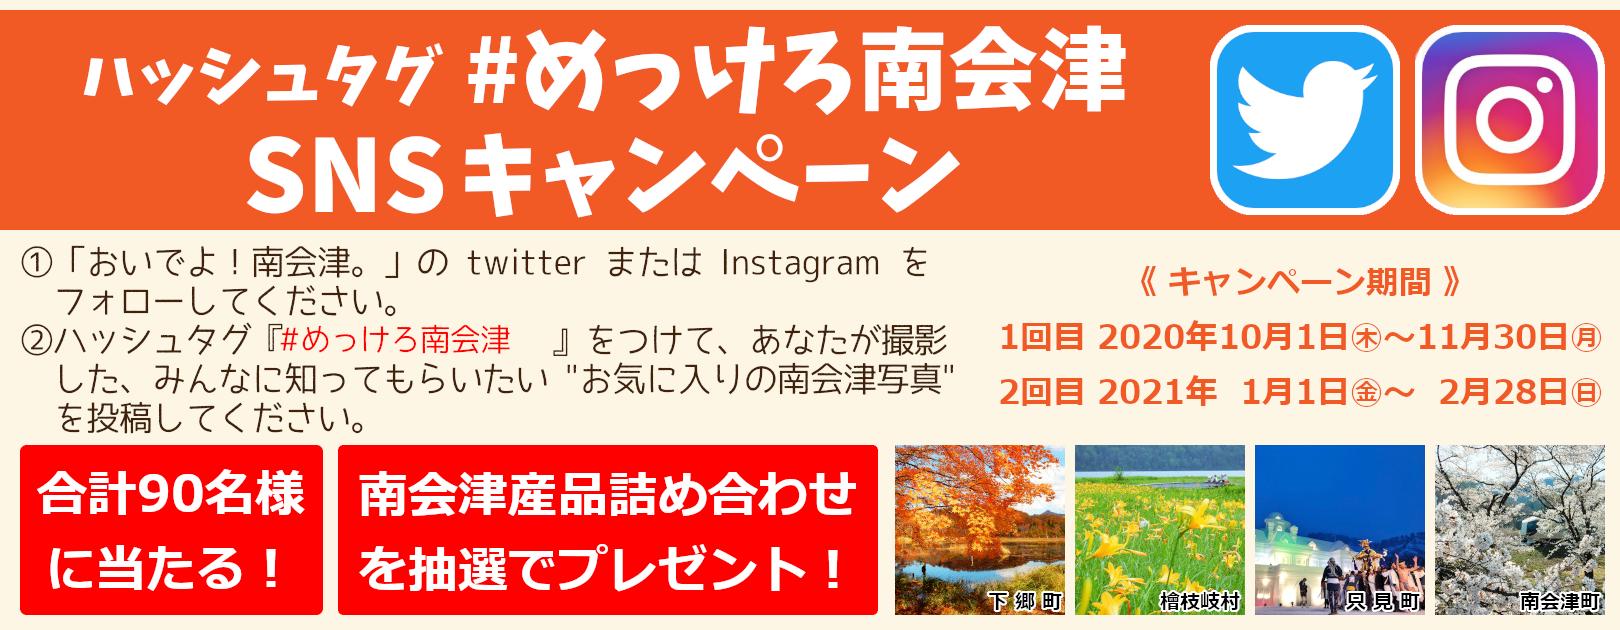 「ハッシュタグ #めっけろ南会津」SNSキャンペーン